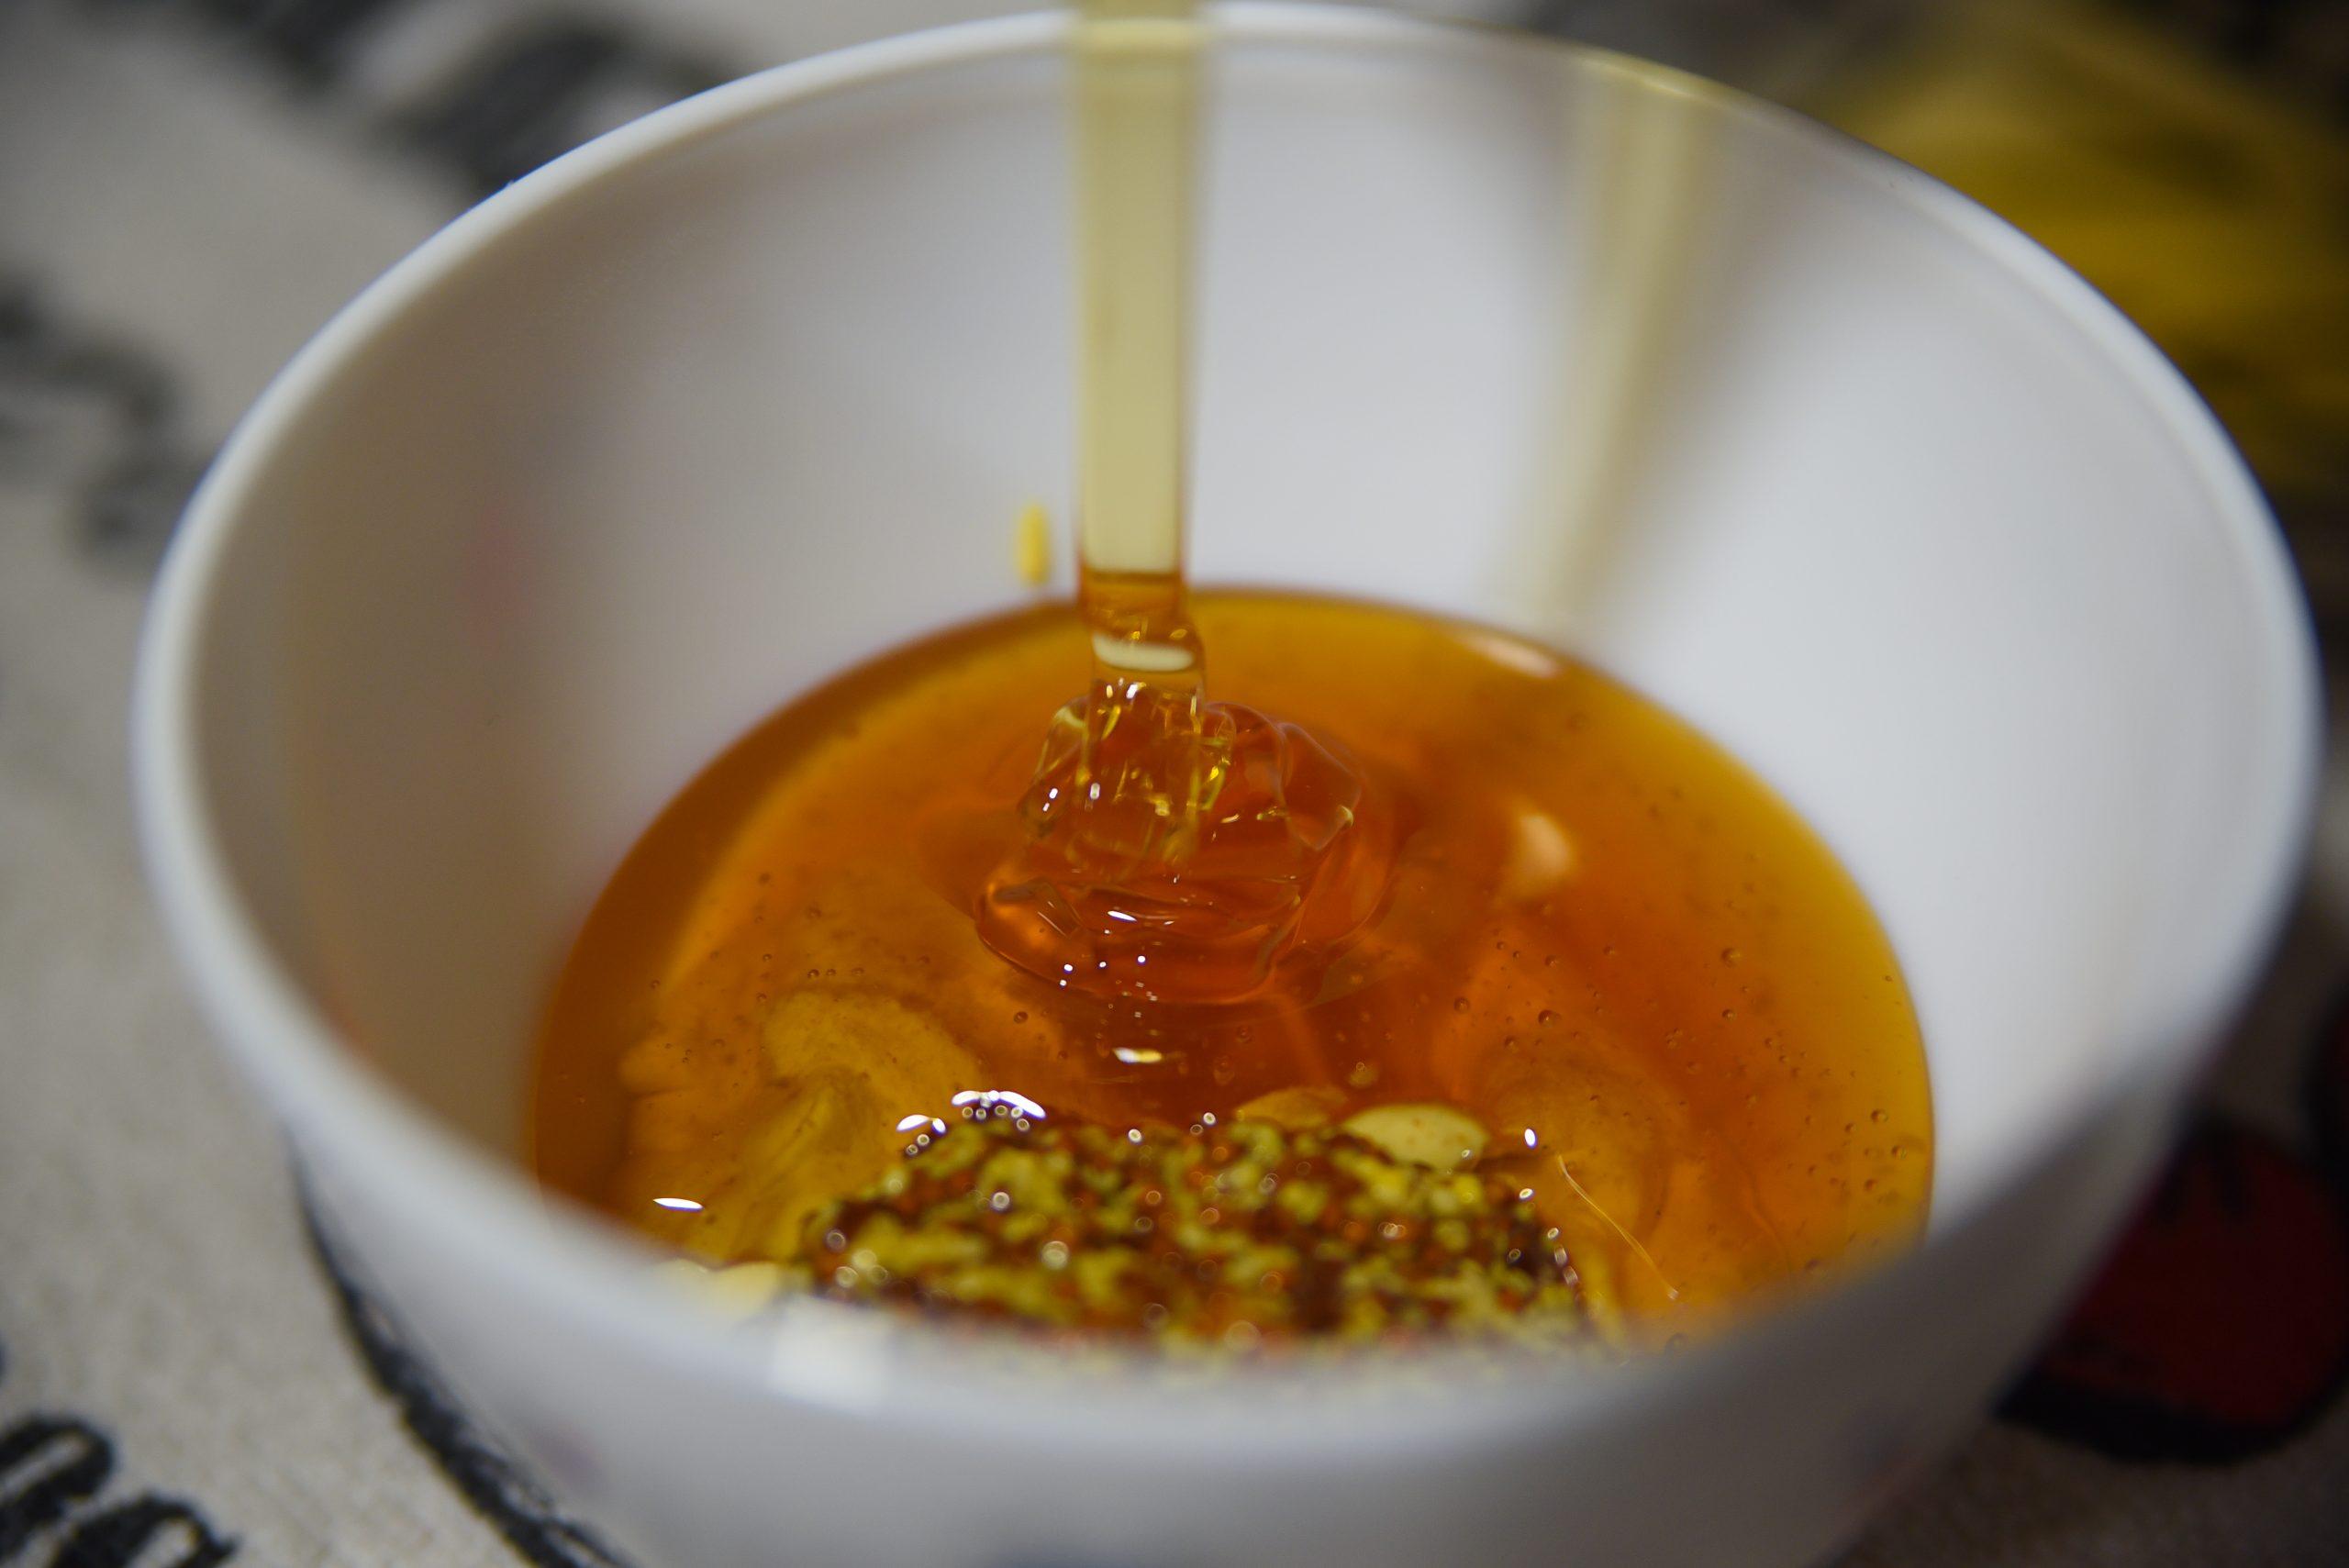 Añadiendo miel.